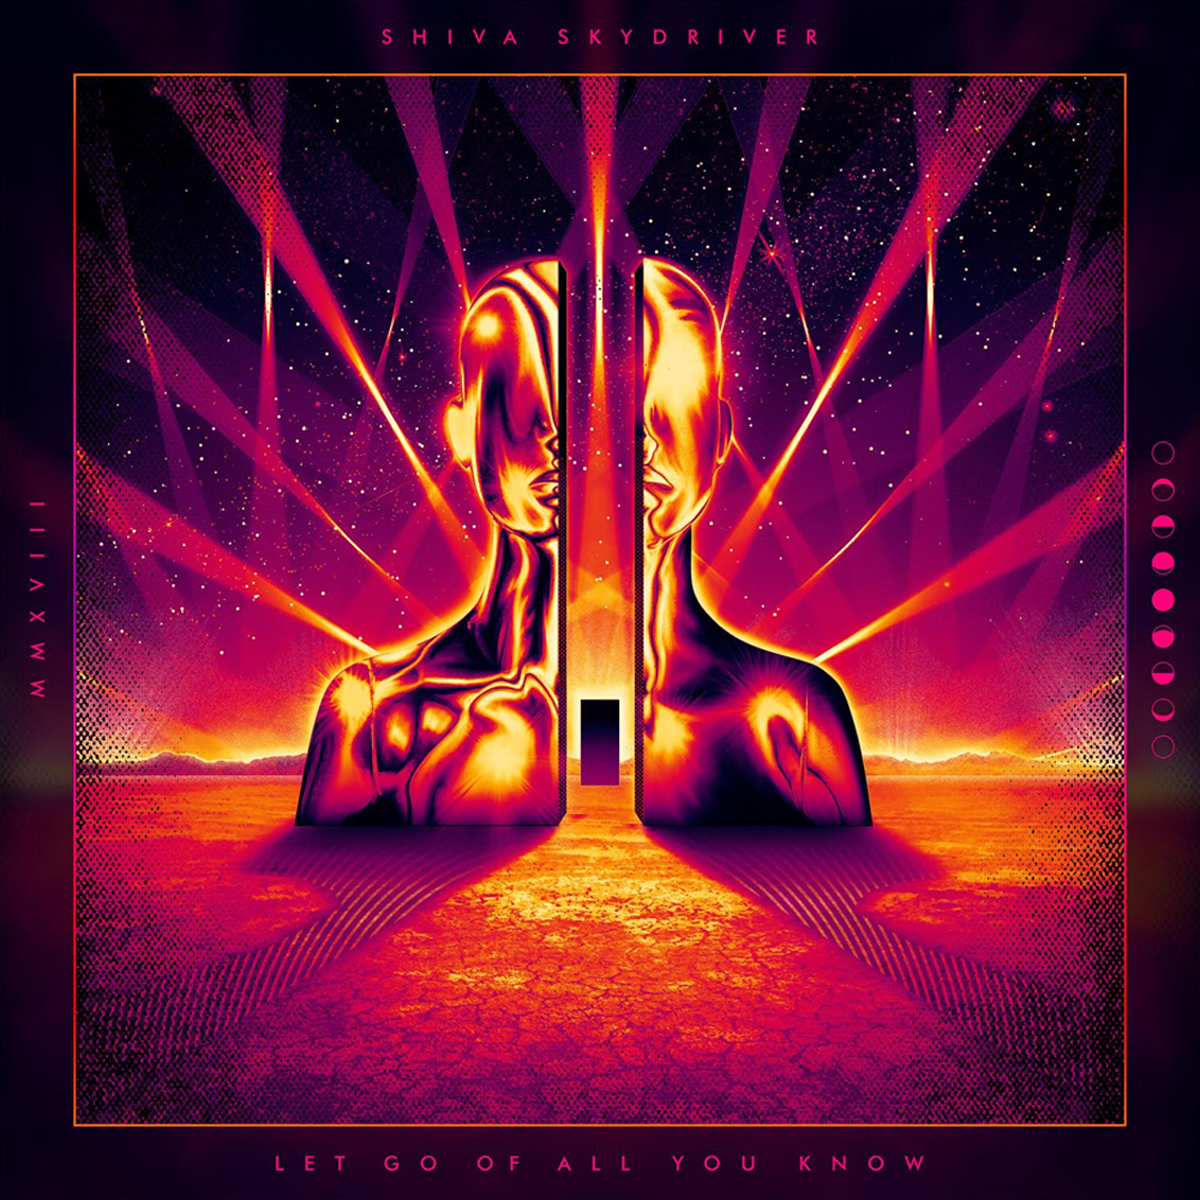 Album artwork by Alex Hess / alexhessofficial.com